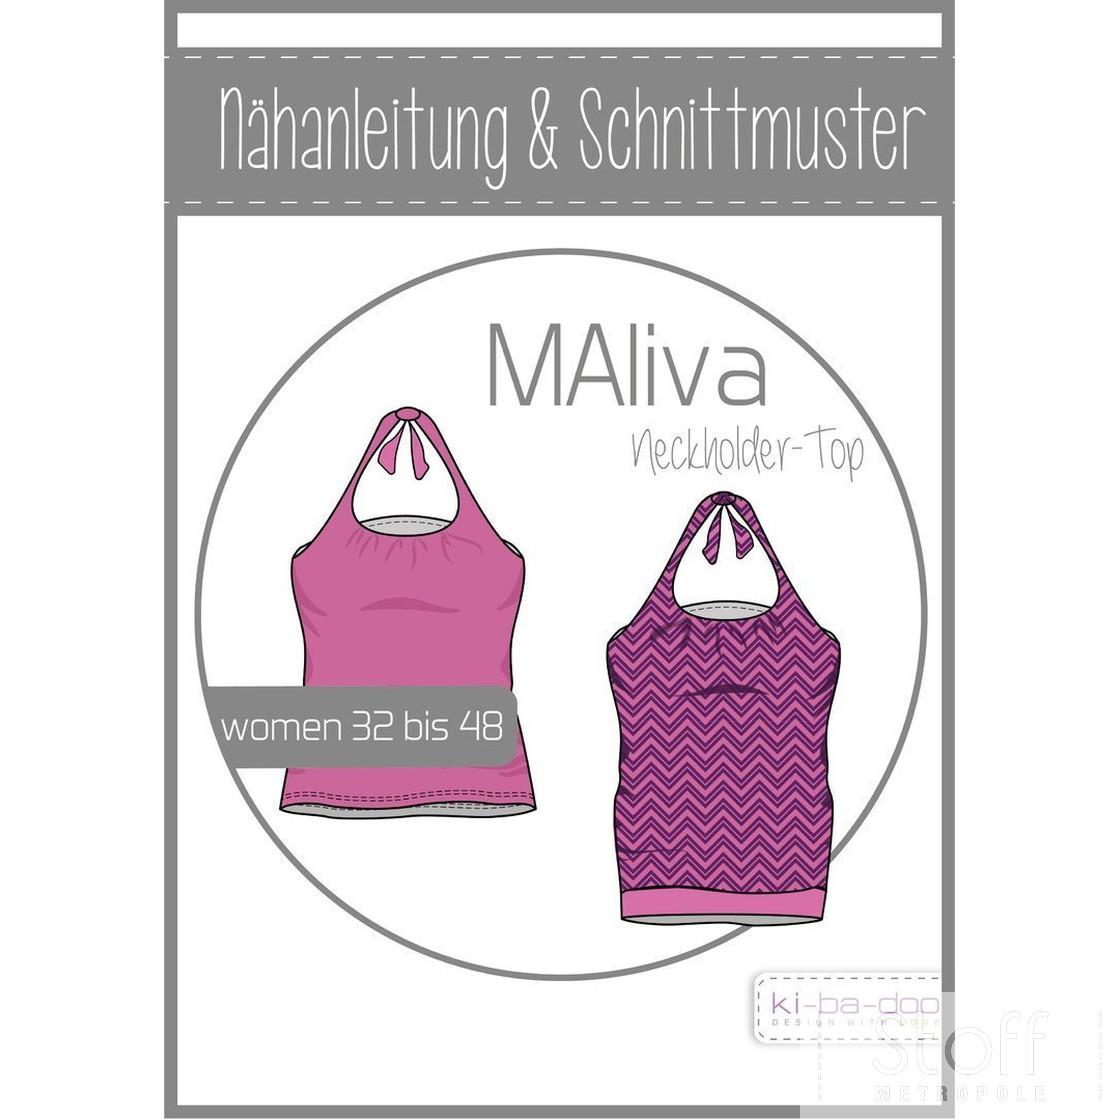 KI-BA-DOO Maliva Neckholder Shirt  Top Damen Papierschnittmuster